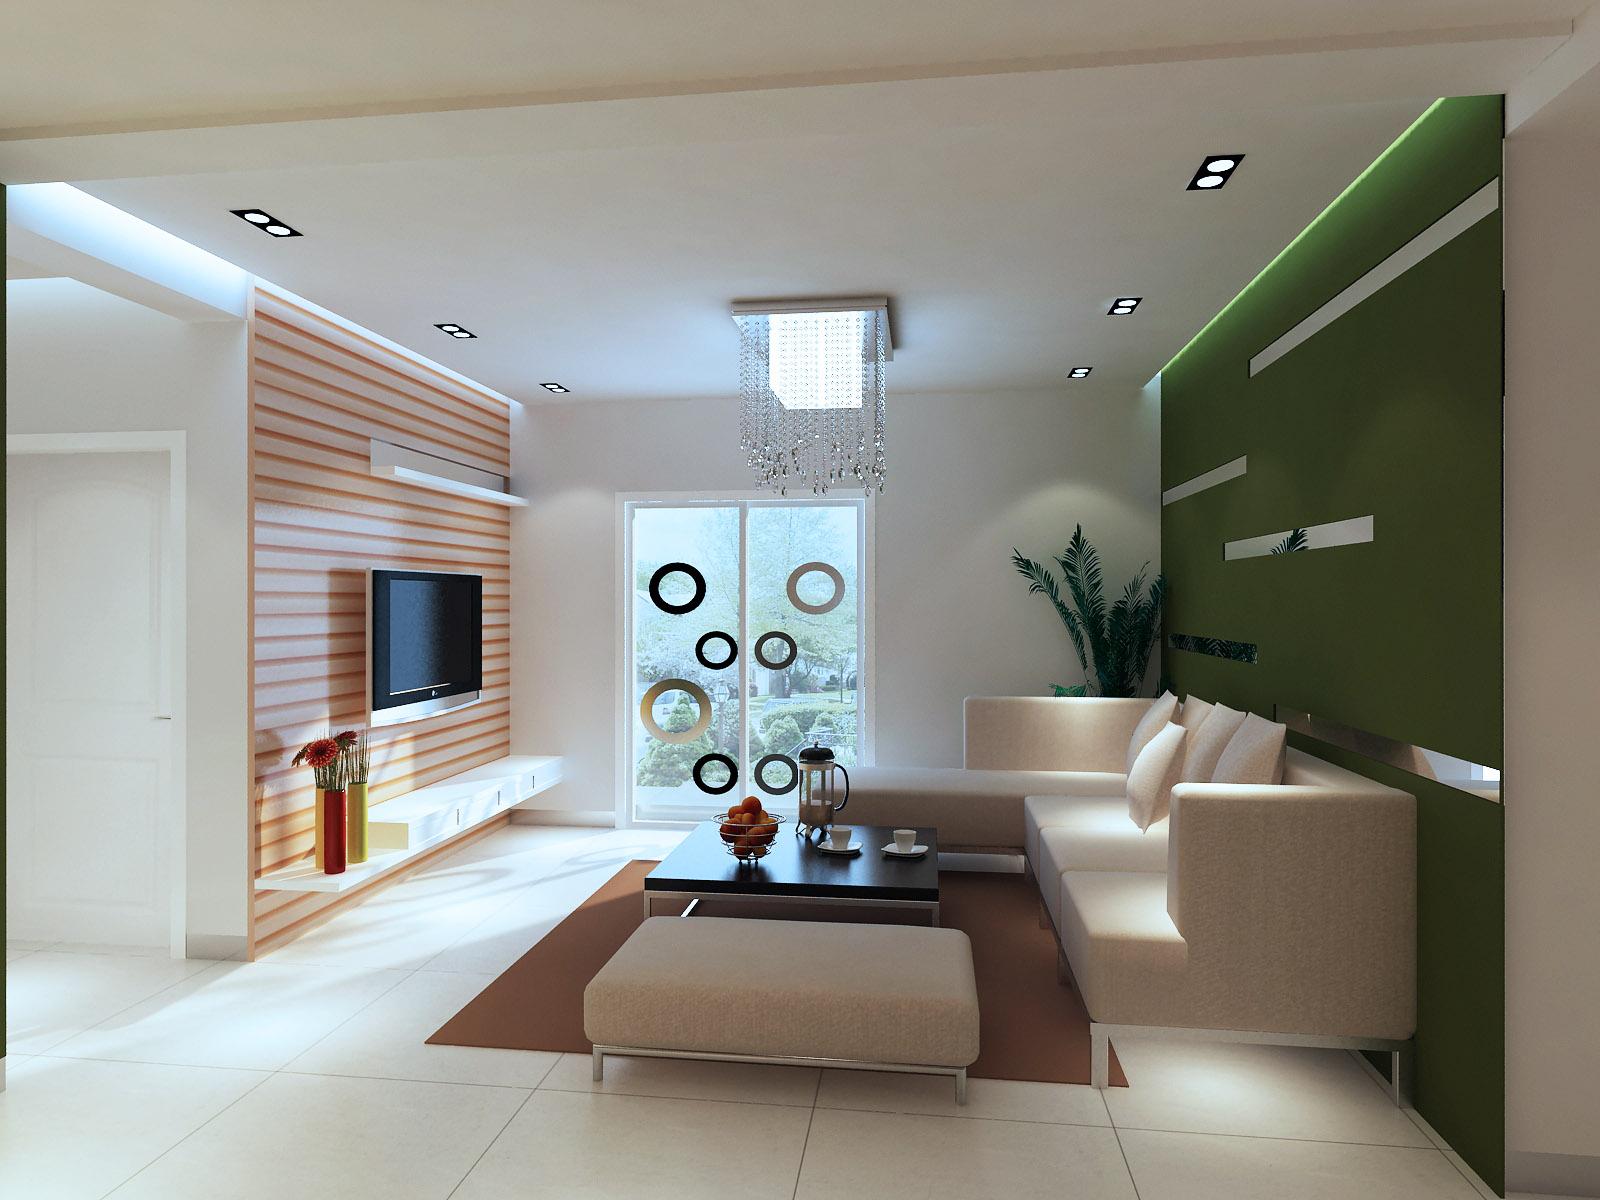 四室两厅两卫户型图 三室两厅两卫装修图 三房两厅两卫户型图高清图片